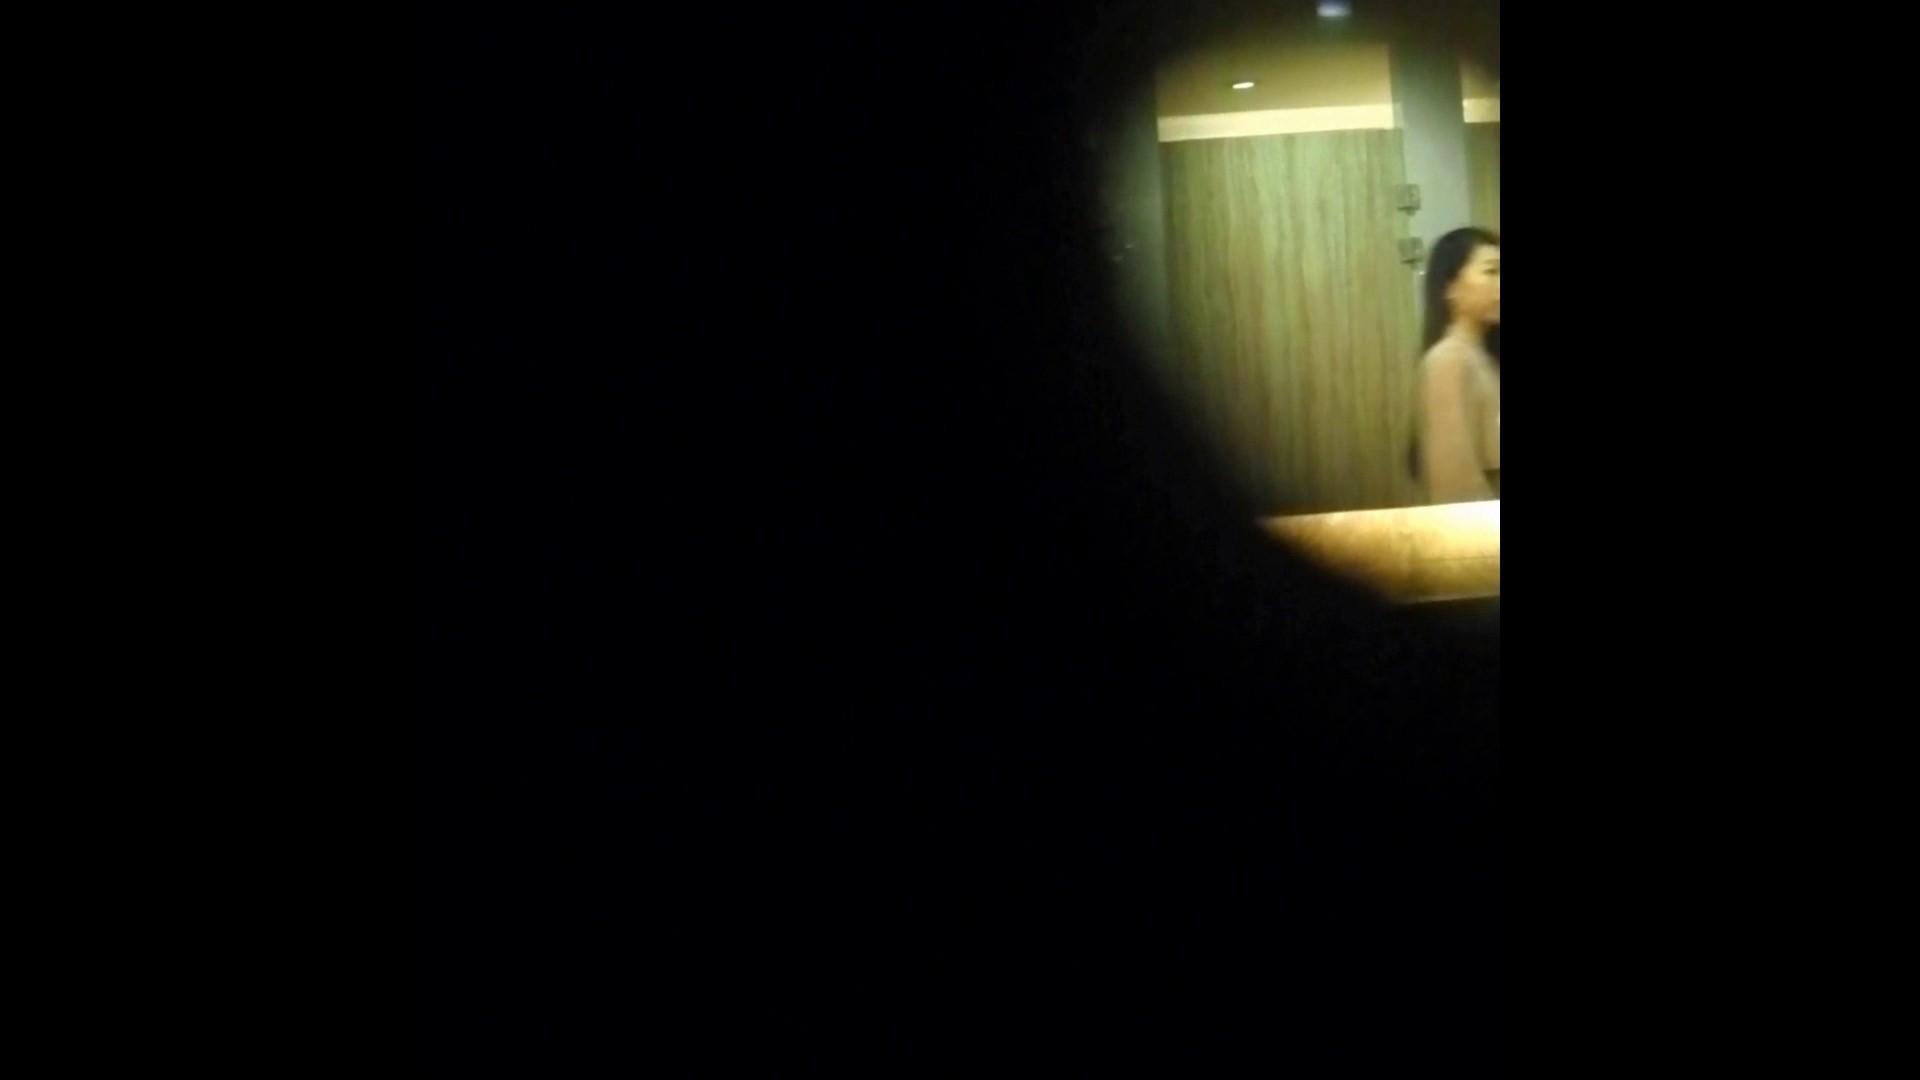 阿国ちゃんの和式洋式七変化 Vol.27 シリーズ最高作誕生 高画質動画 おまんこ無修正動画無料 48画像 47